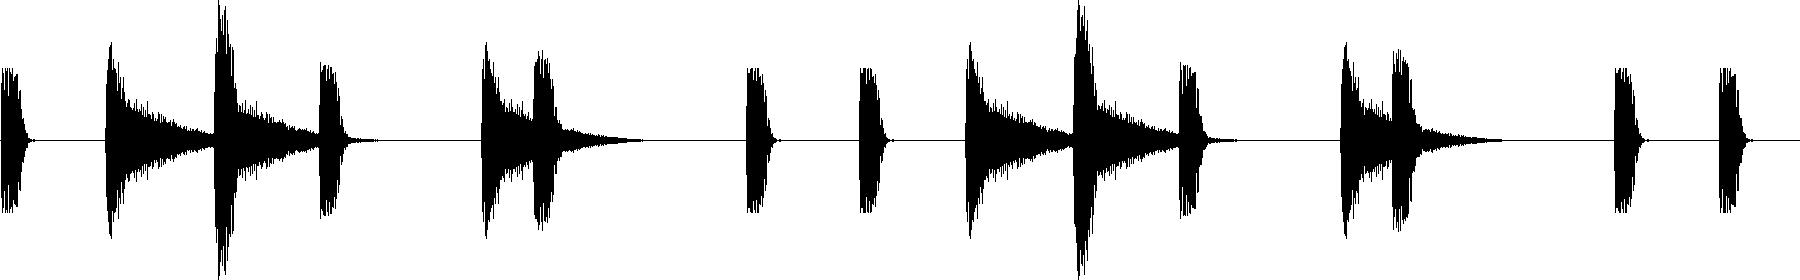 drumstecnoloop1 113bpm a minor